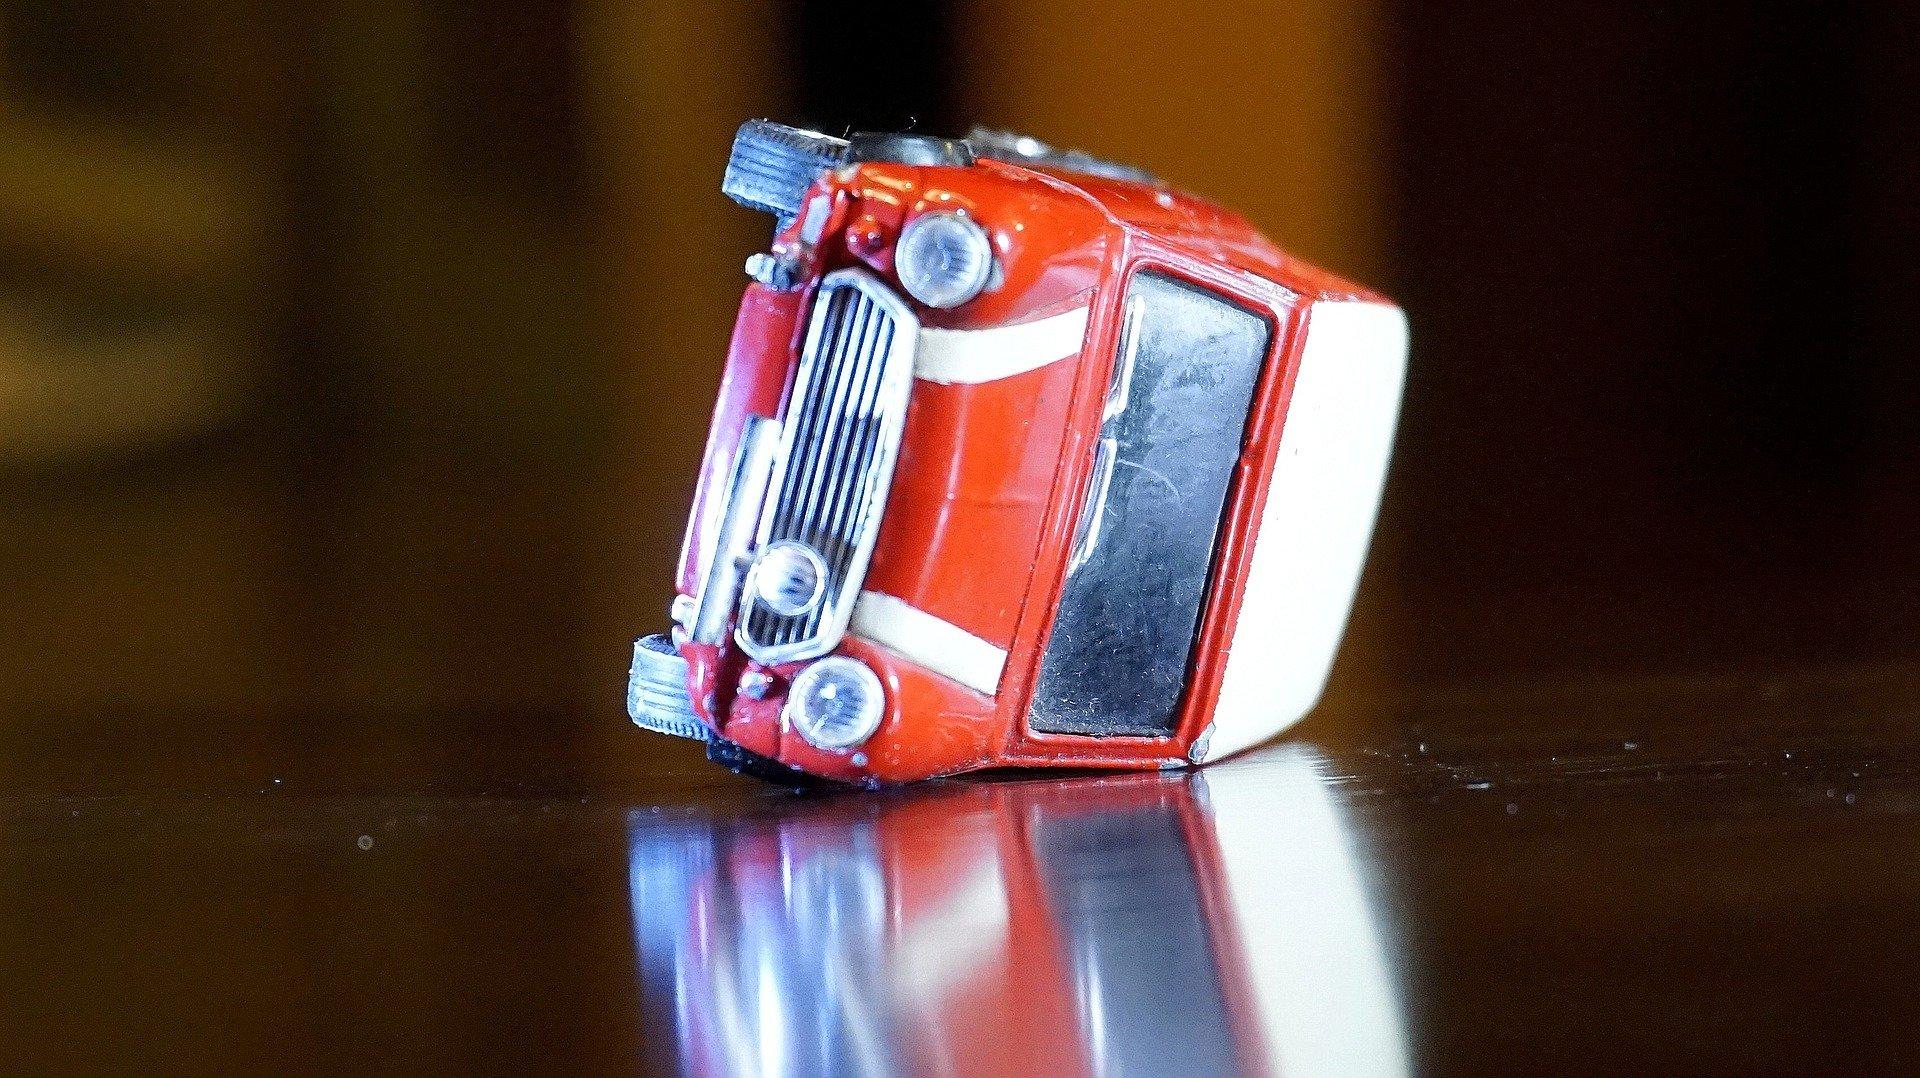 auto mini giocattolo rossa a strisce bianche rovesciata da un lato su un tavolo